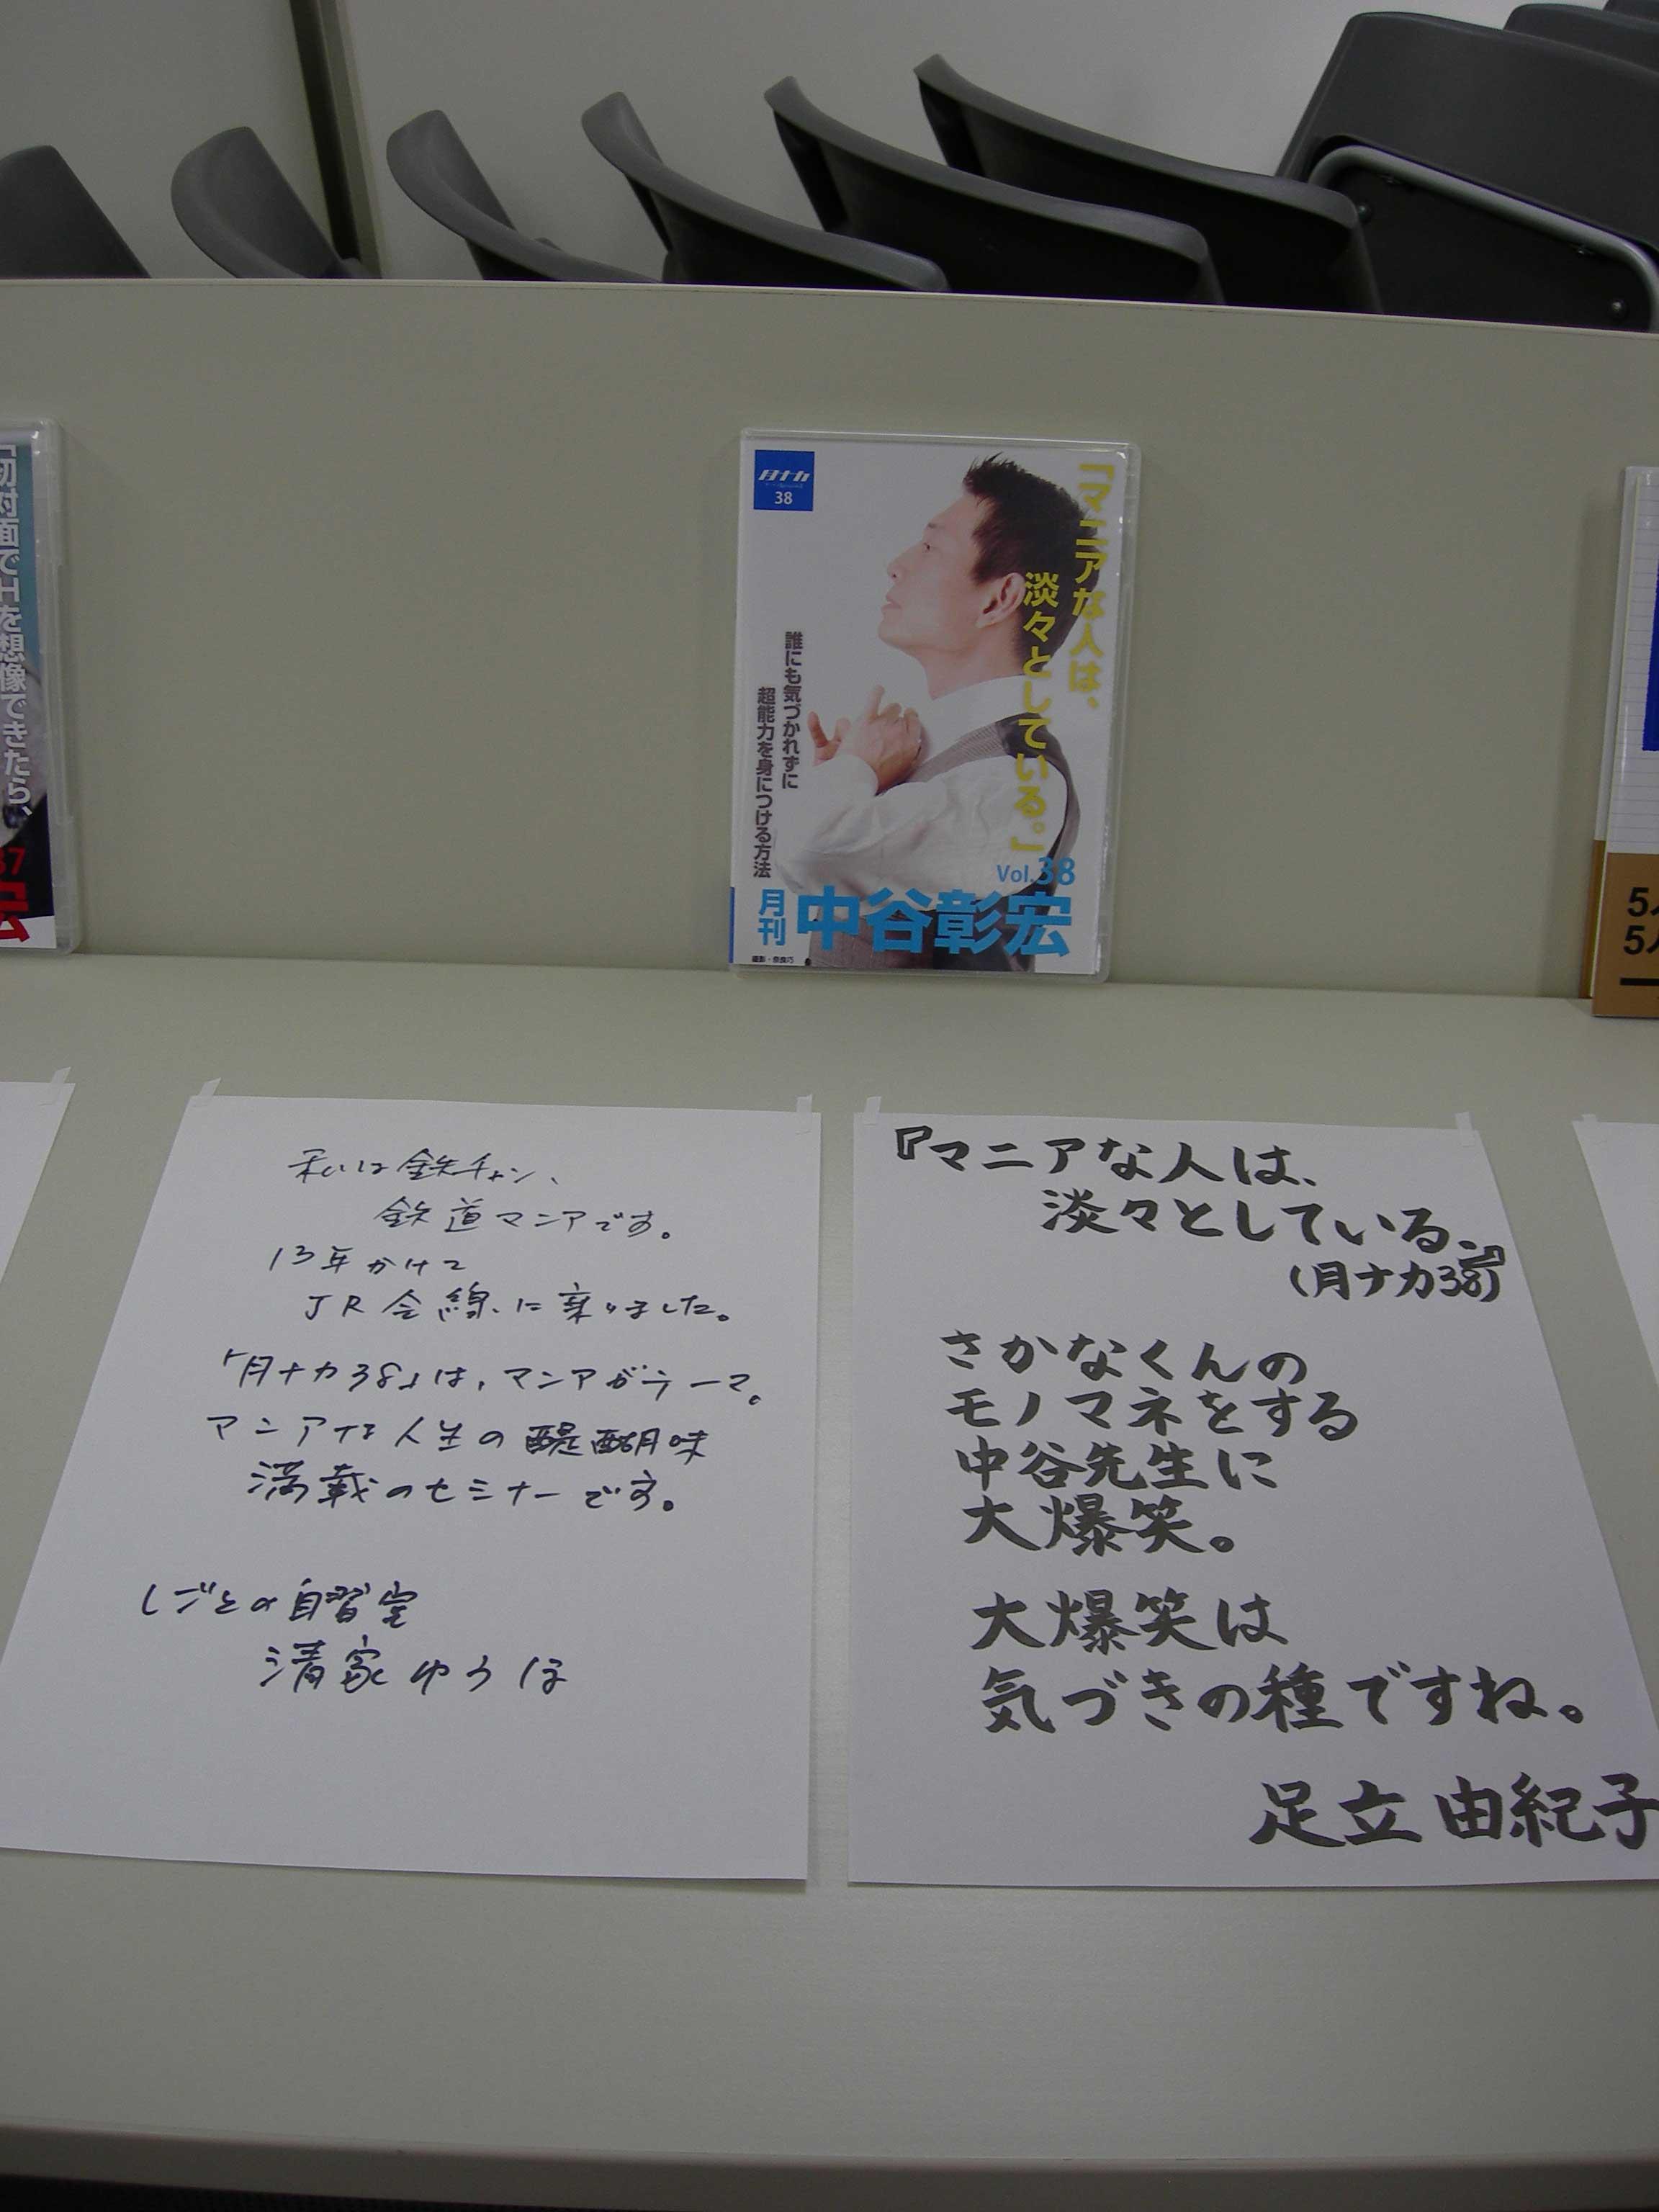 20100516_紹介文_清家ゆうほさん_足立由紀子さん.jpg